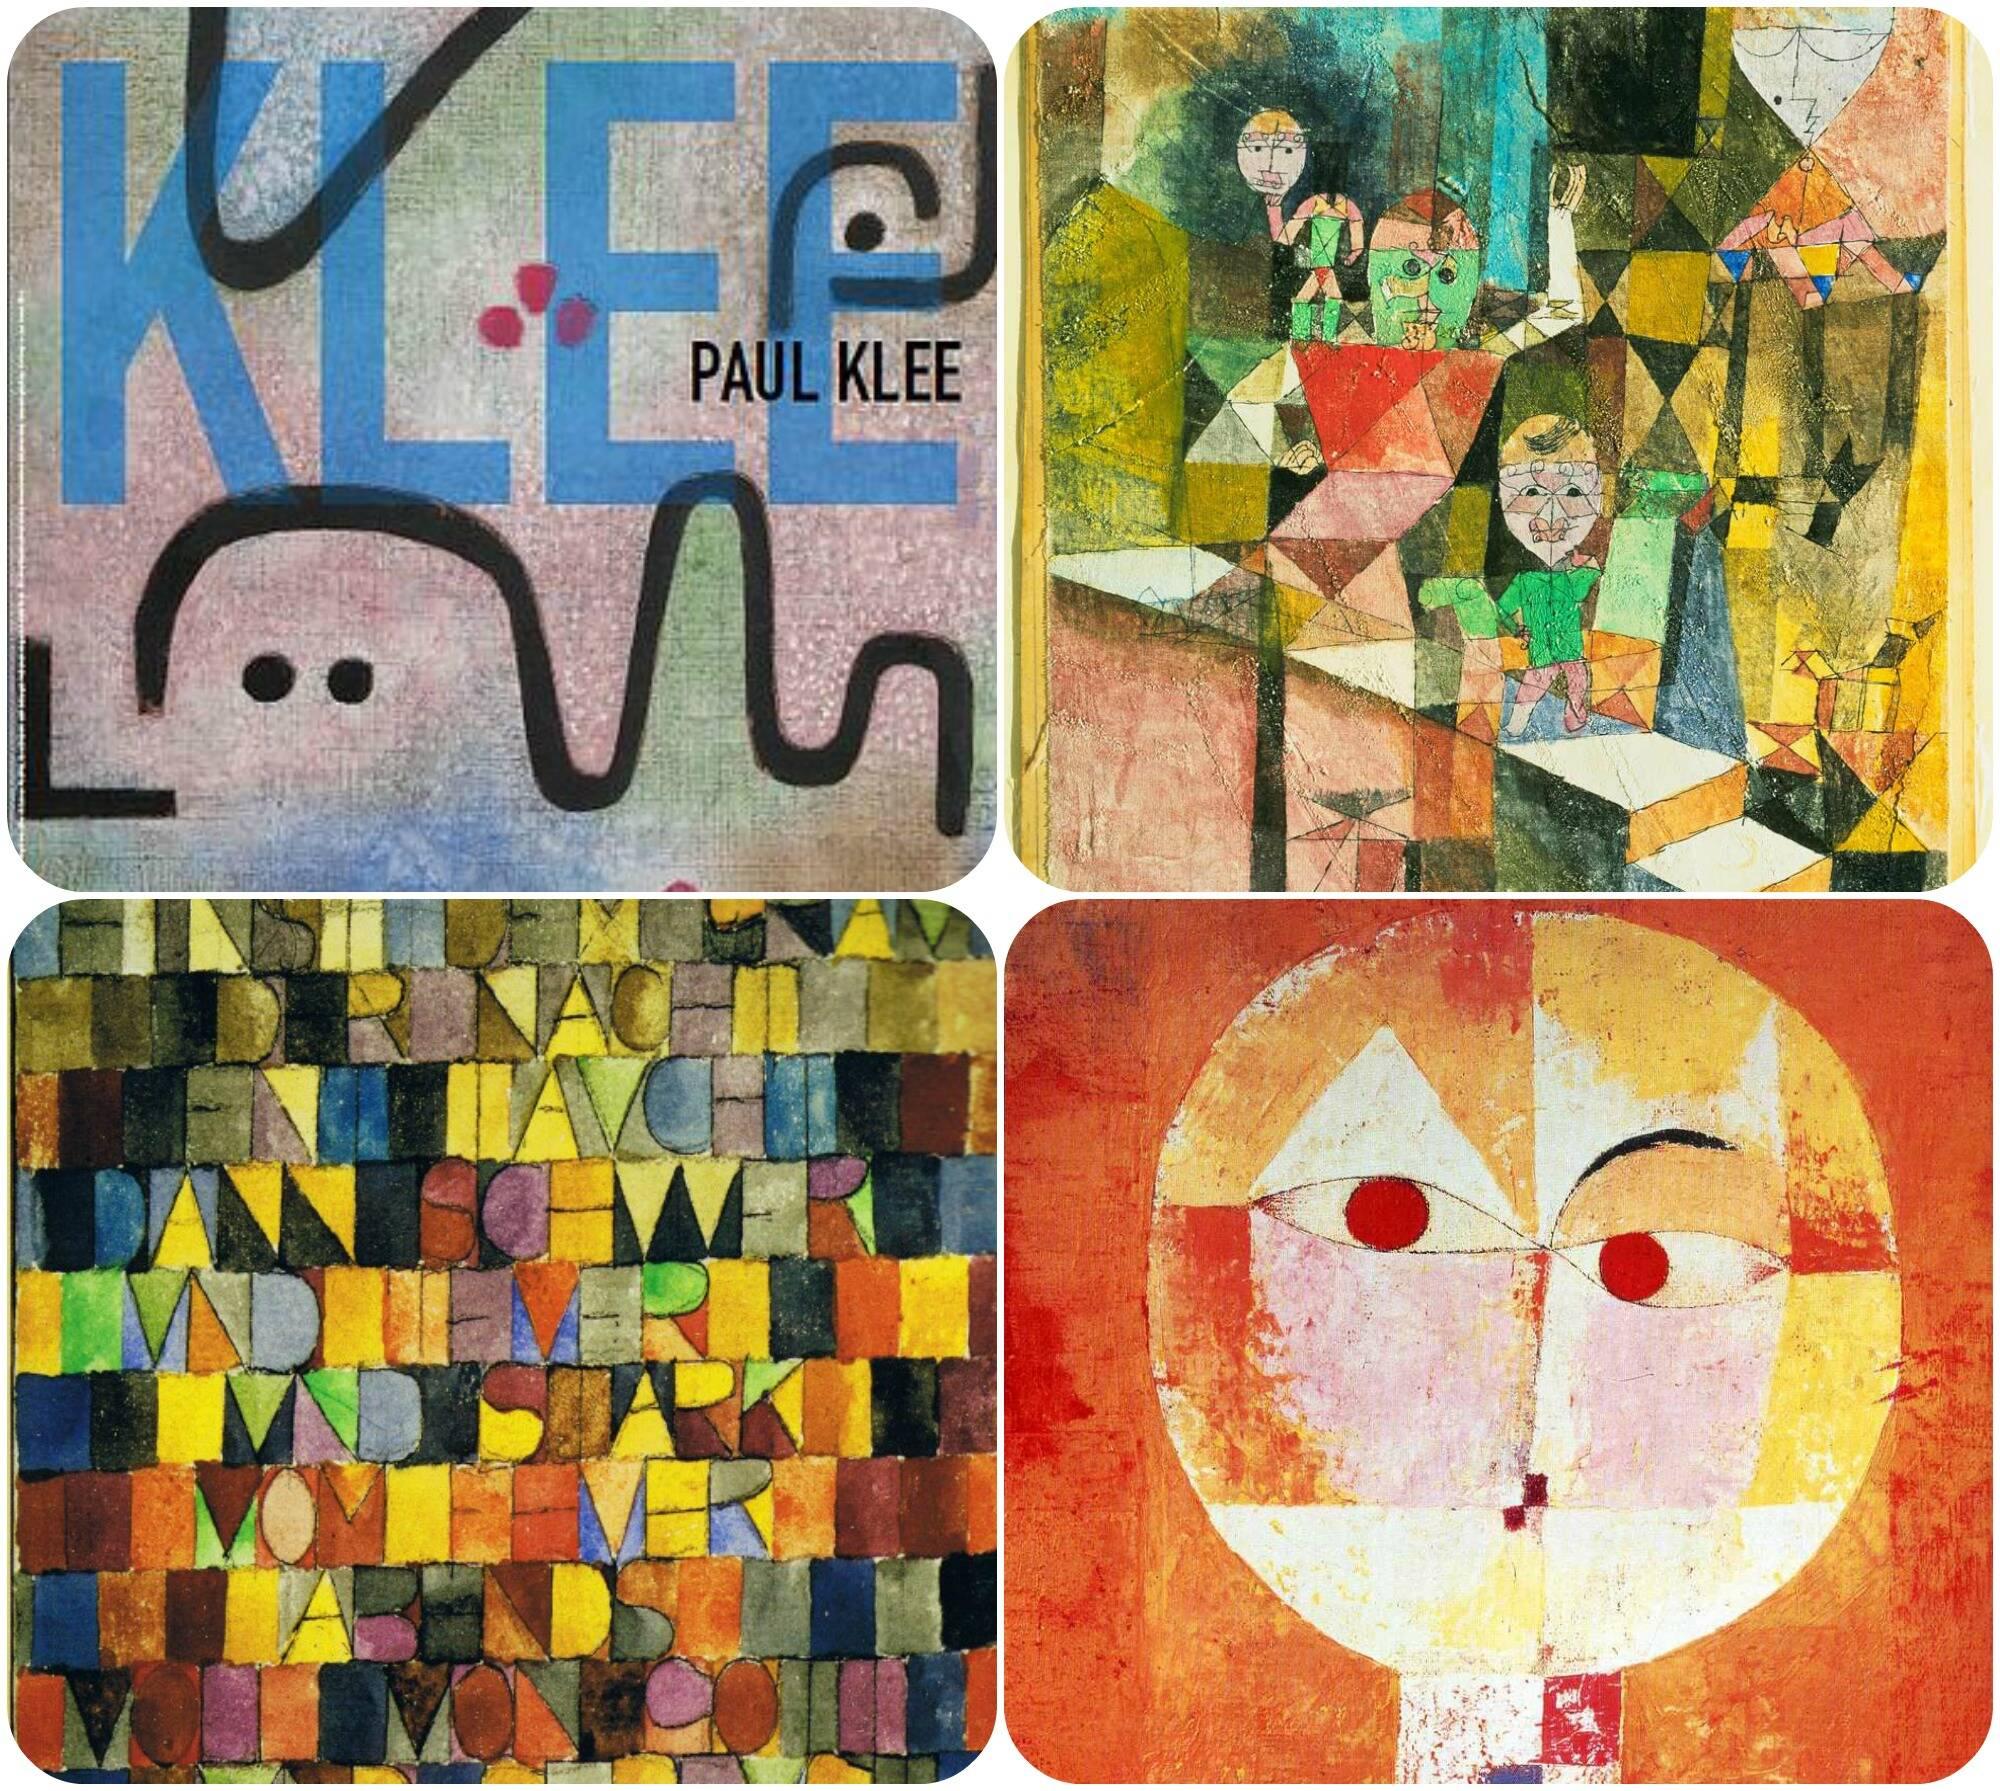 A tão esperada exposição de Paul Klee chega em Paris, no Centre Georges Pompidou